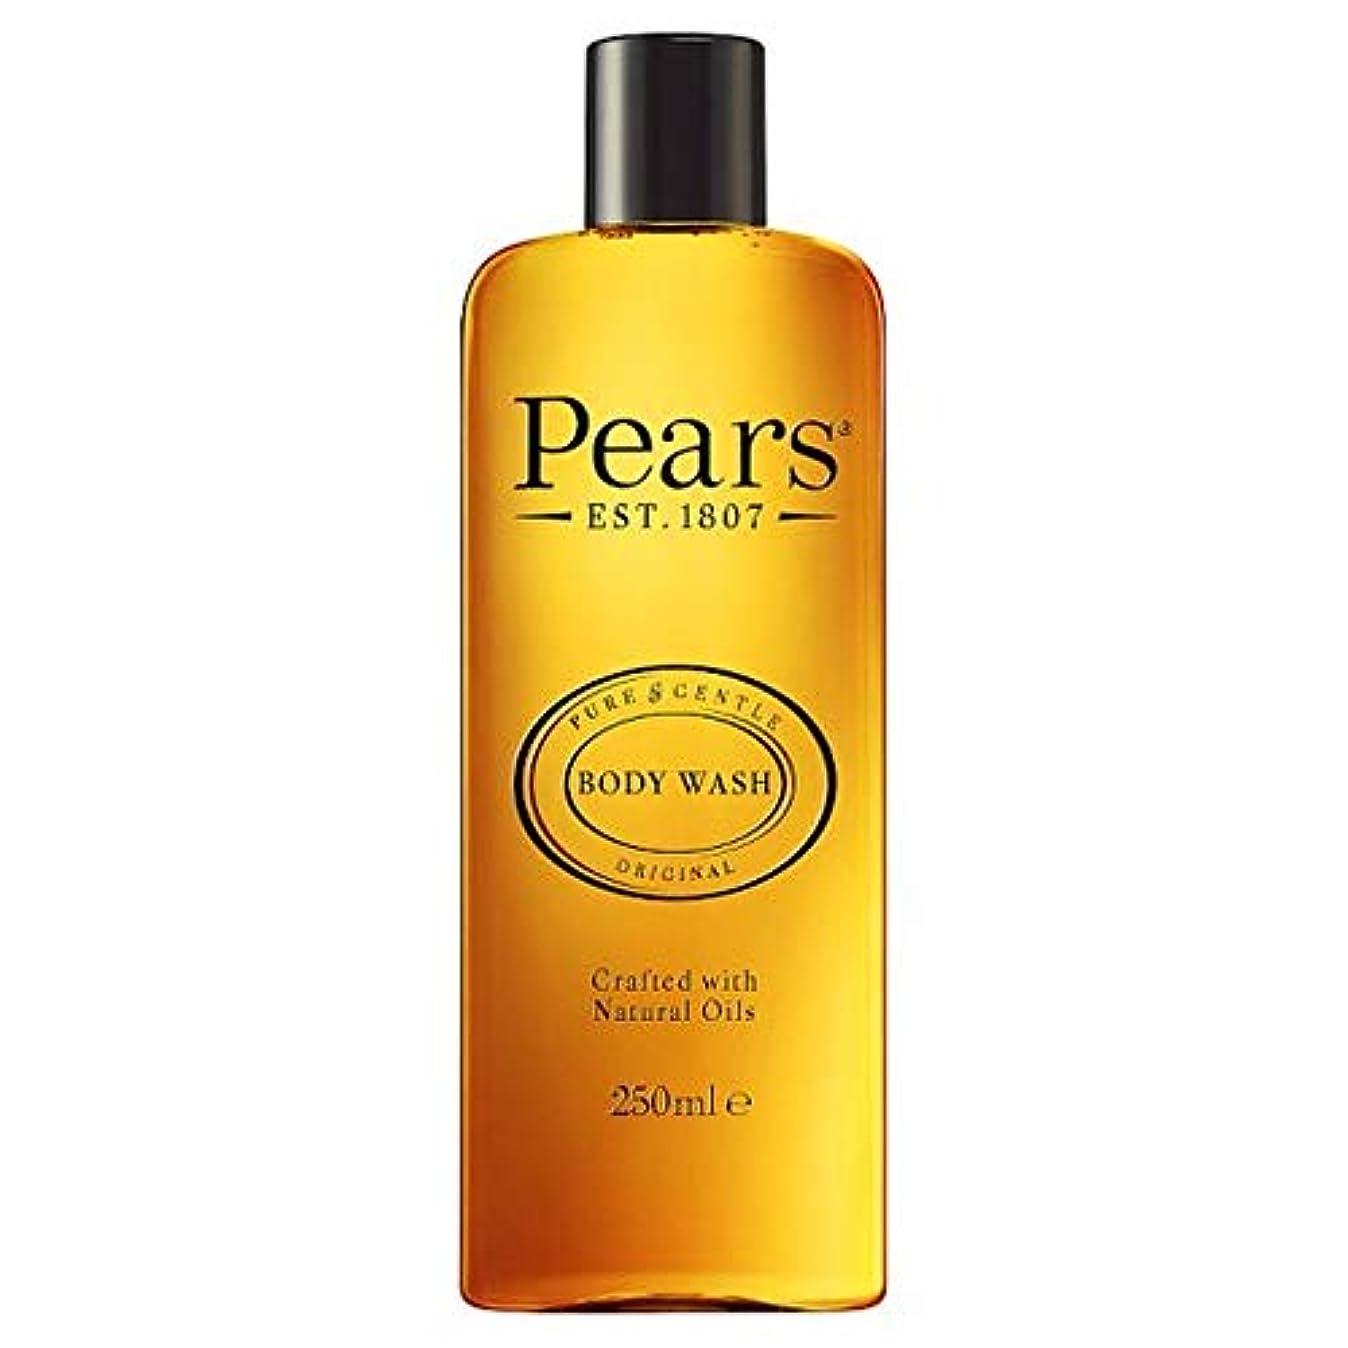 言い聞かせるこしょう上向き[Pears] 梨シャワージェル250ミリリットル - Pears Shower Gel 250Ml [並行輸入品]